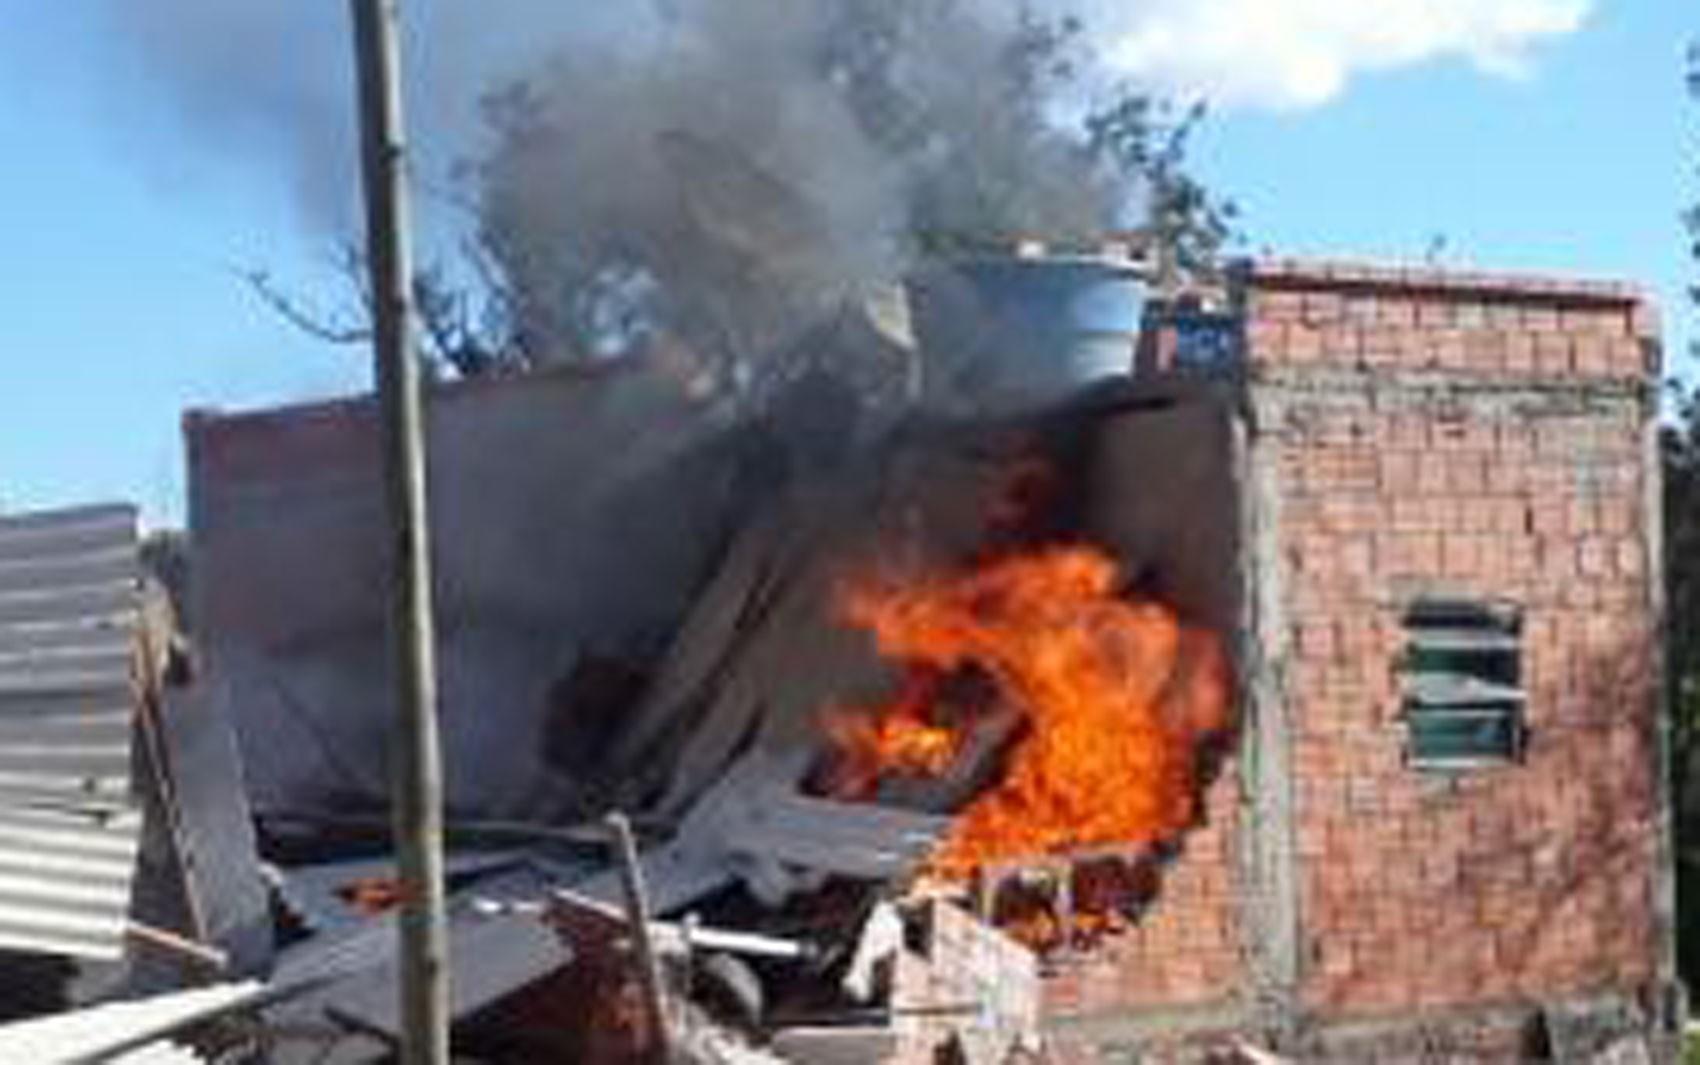 Crianças ficam feridas e uma morre após ter casa incendiada no sudoeste da BA; pai é suspeito de atear fogo no imóvel